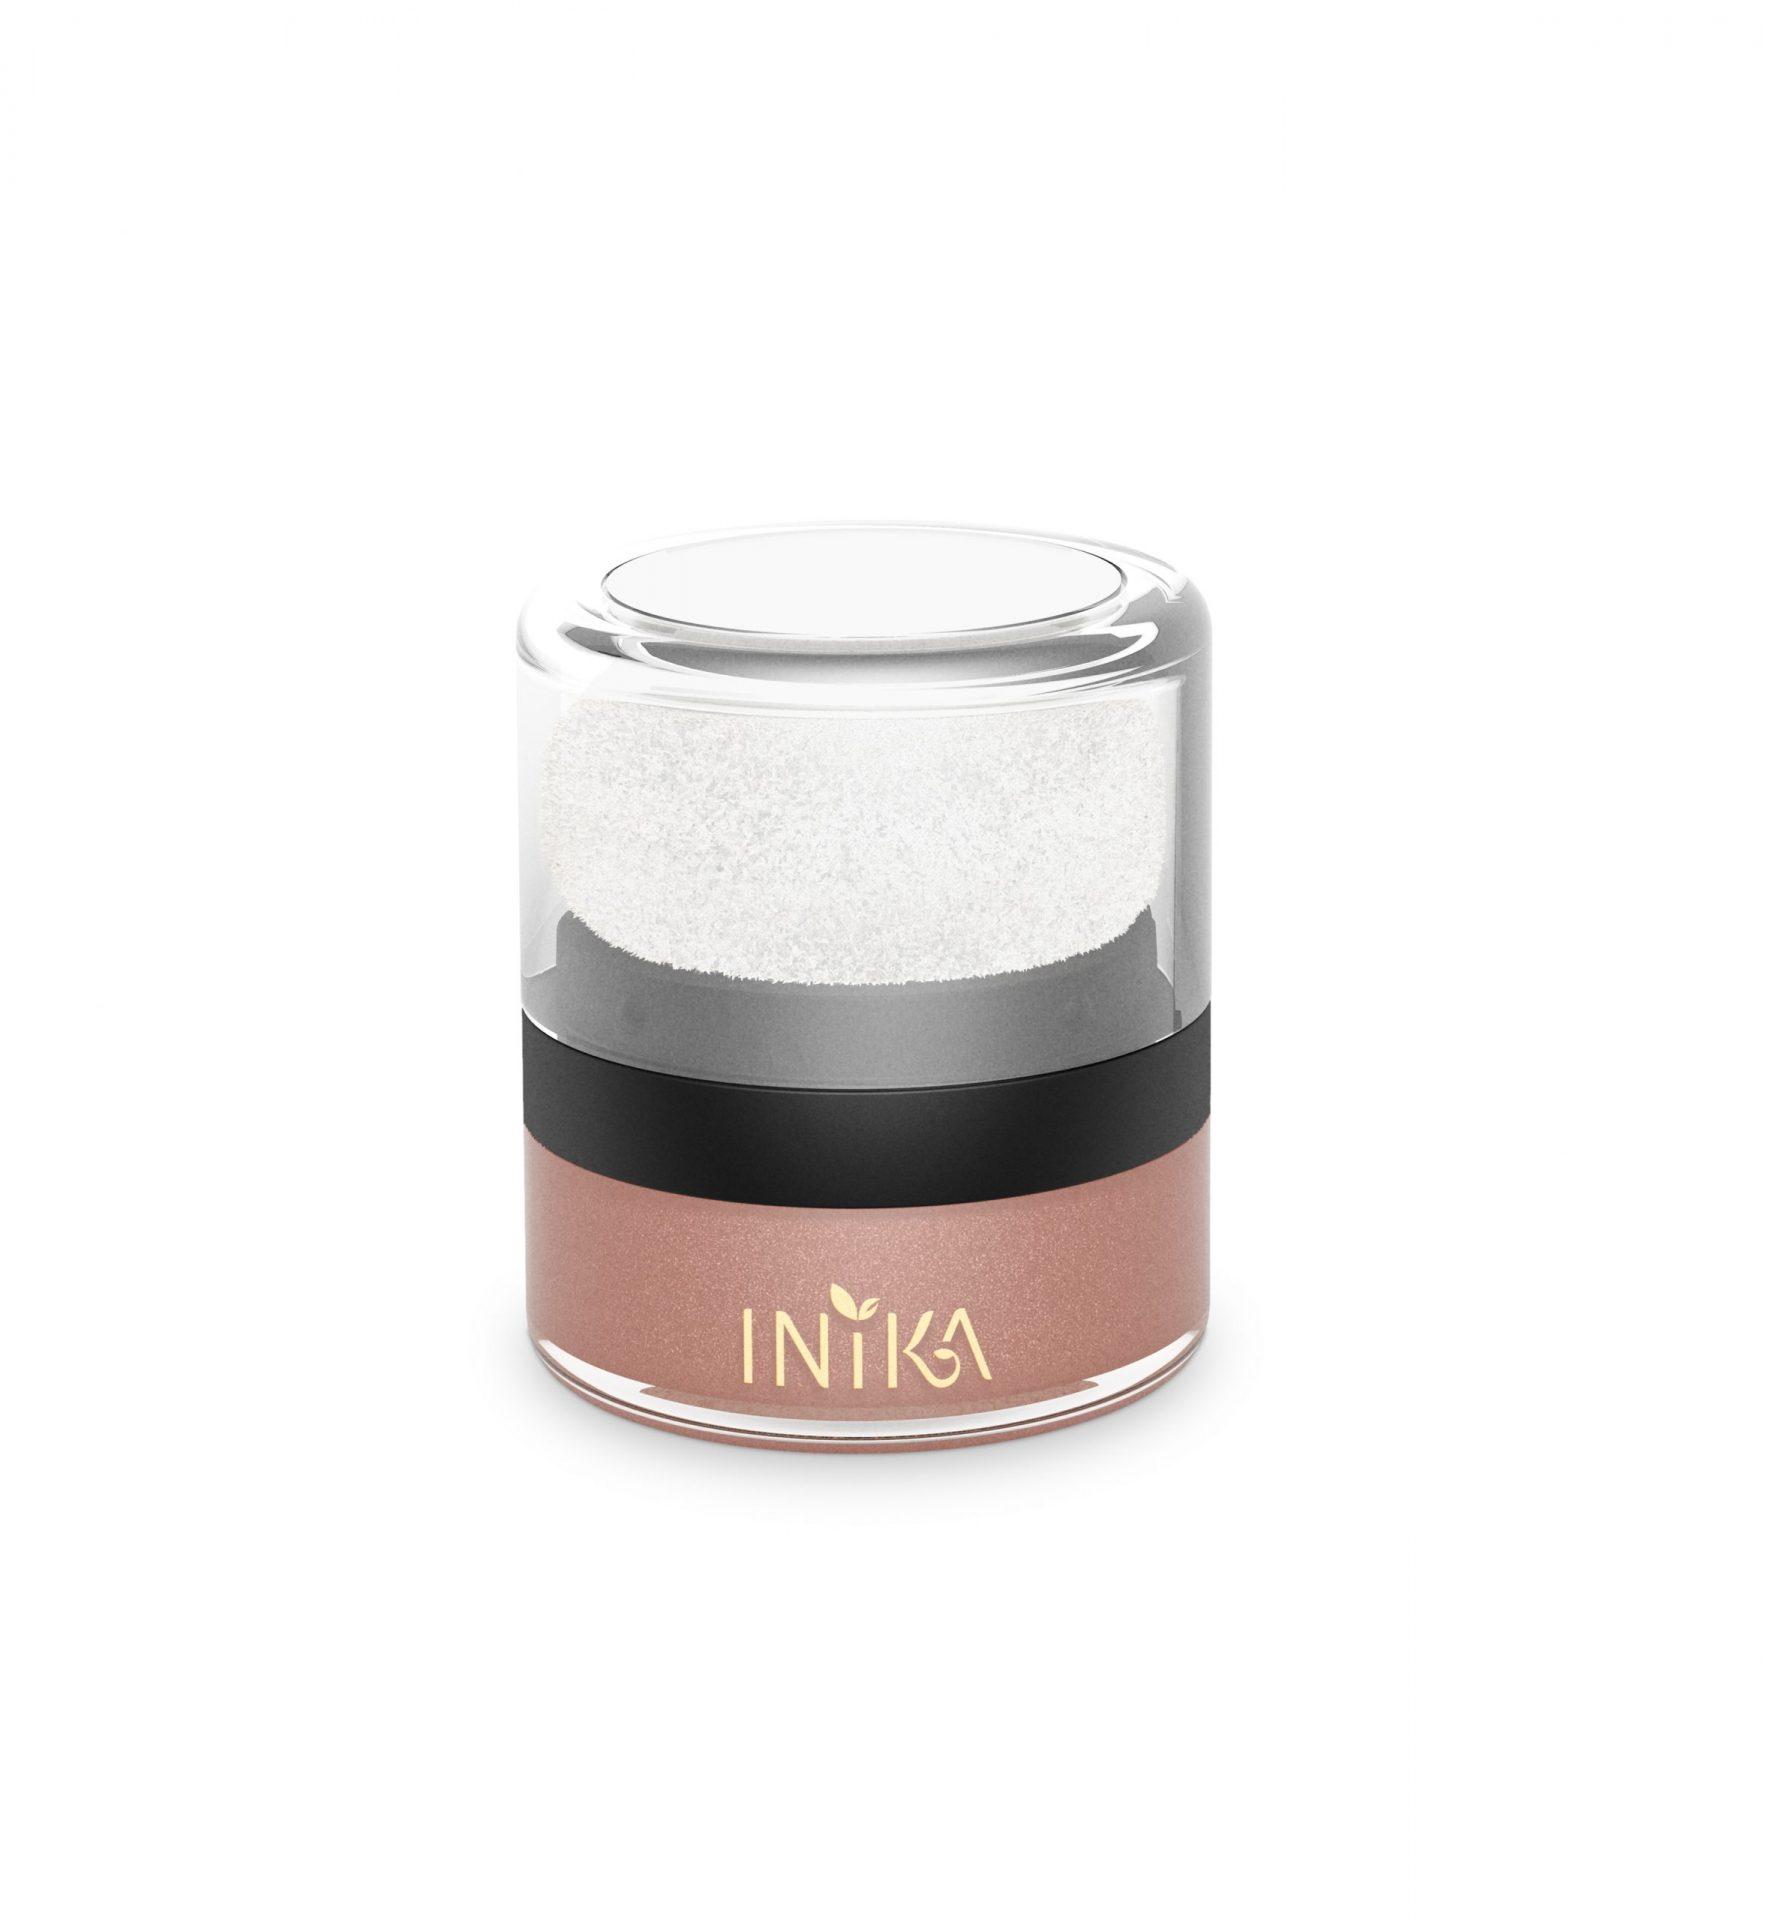 INIKA Mineral Blush Puff Pot – Pink Petal